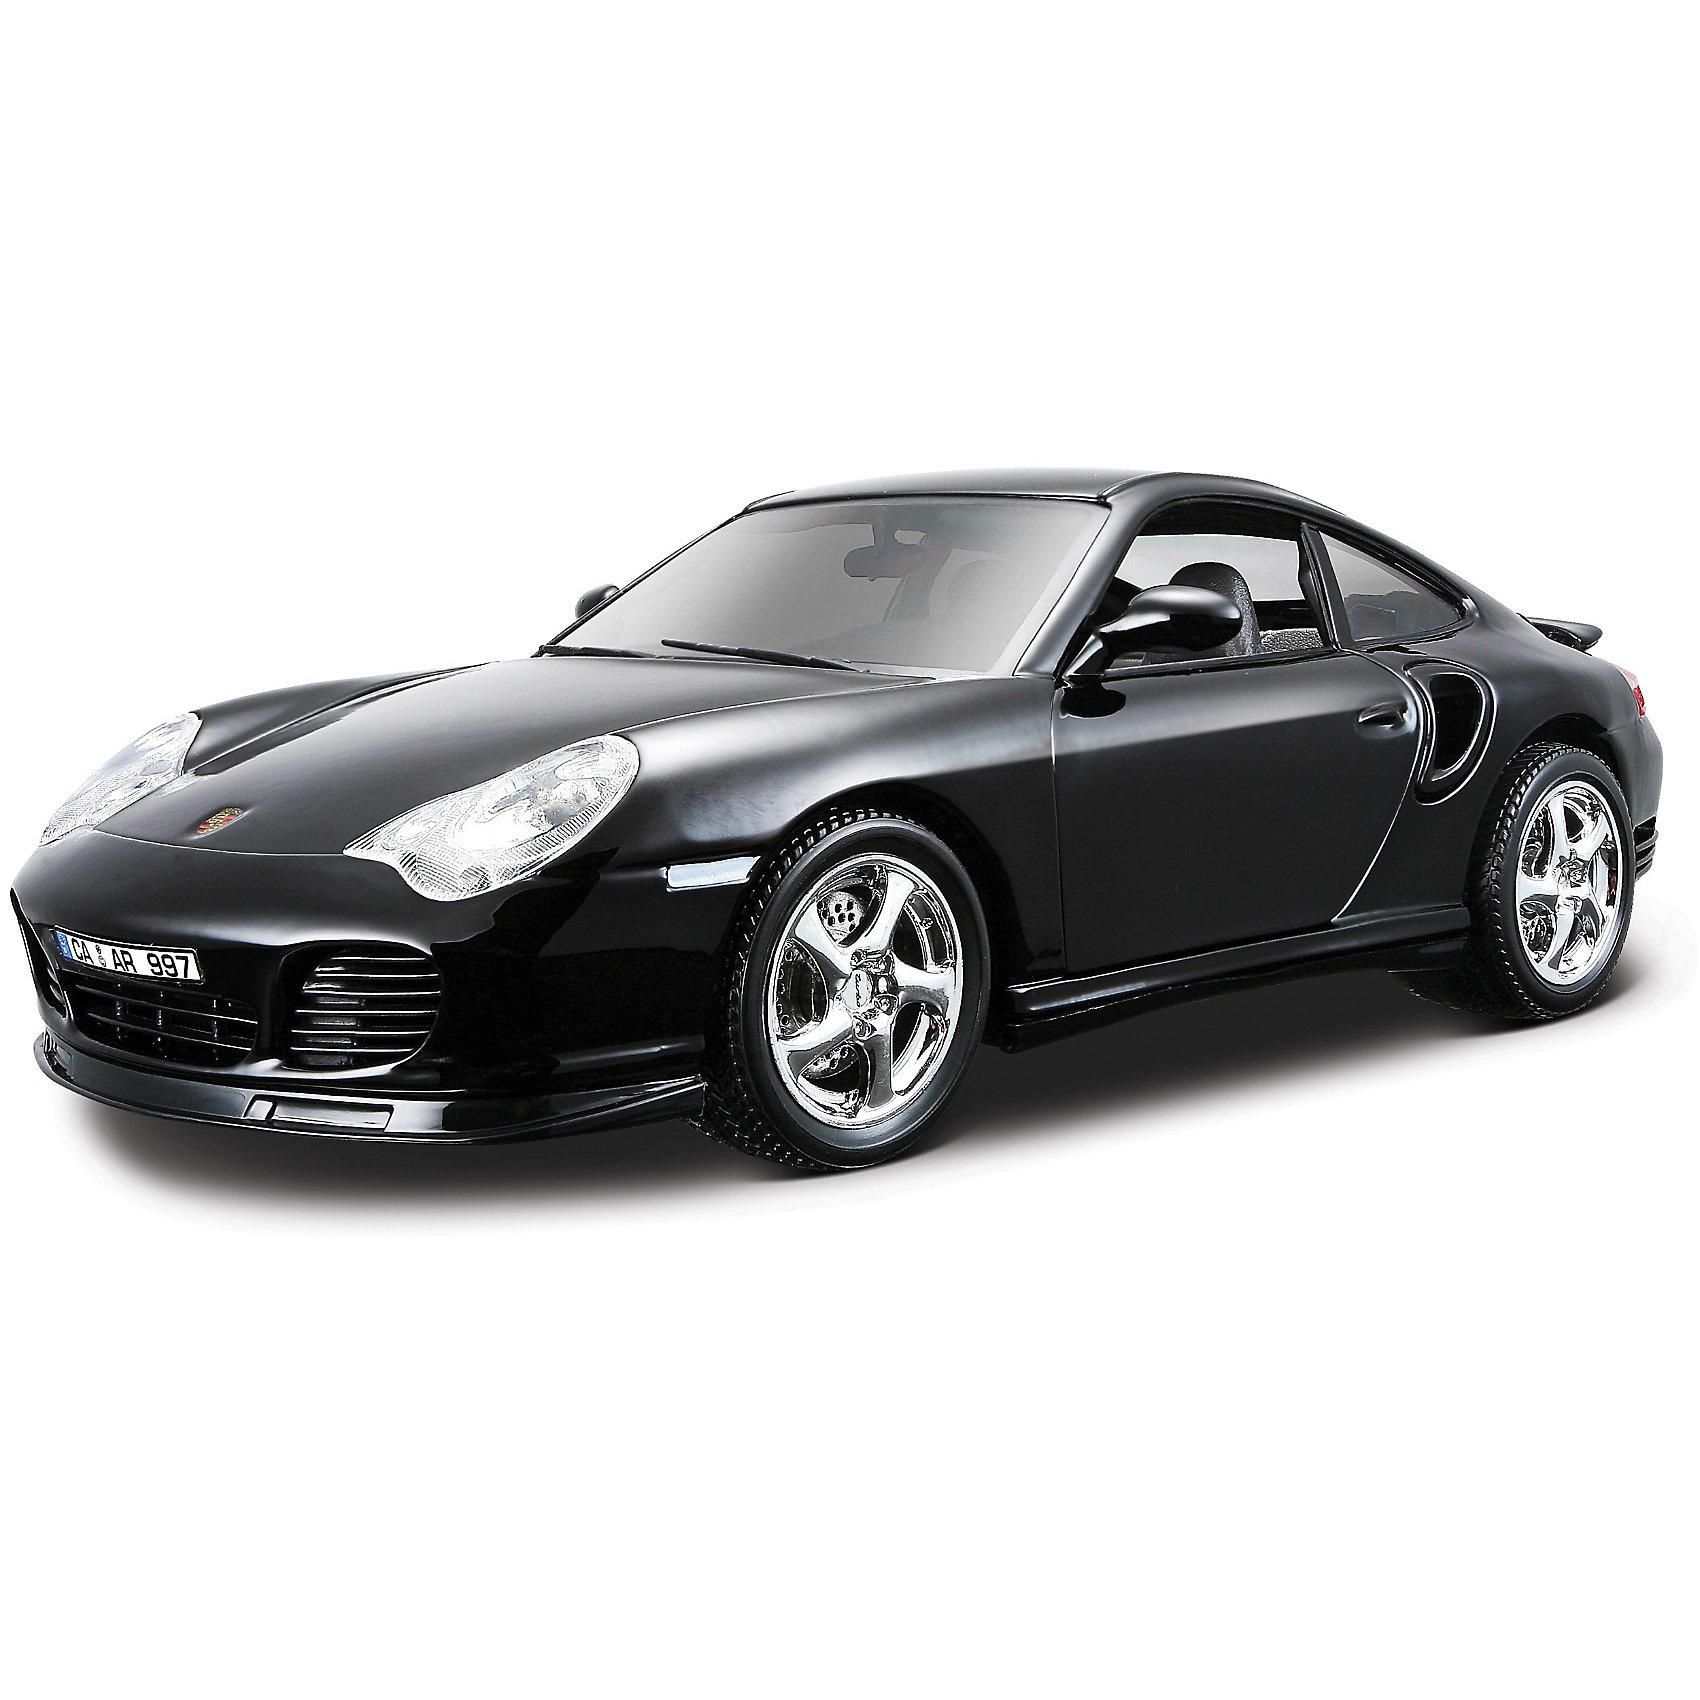 Машина Porshe 911 Turbo металл., 1:18, Bburago